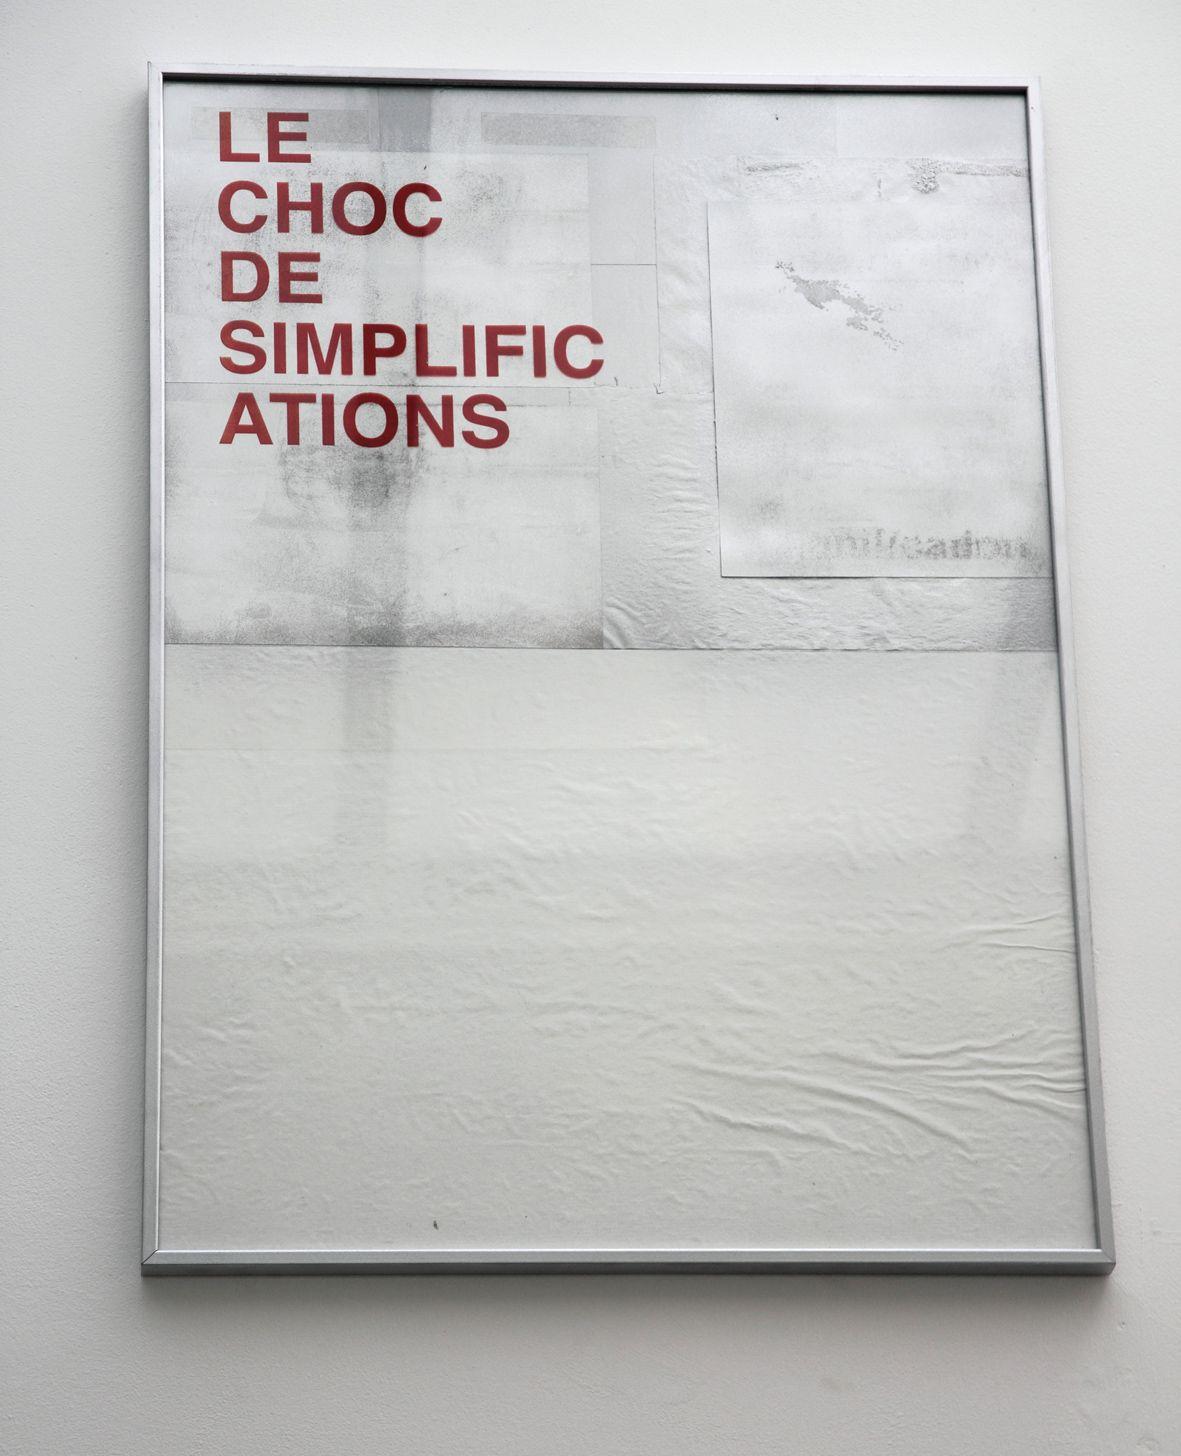 miquel-mont-serie-collages-ideologiques-2-acrylique-papier-journal-impression-laser-transparent-70x65cm-9881a0bc26dfaaab4379a4582c5667ce